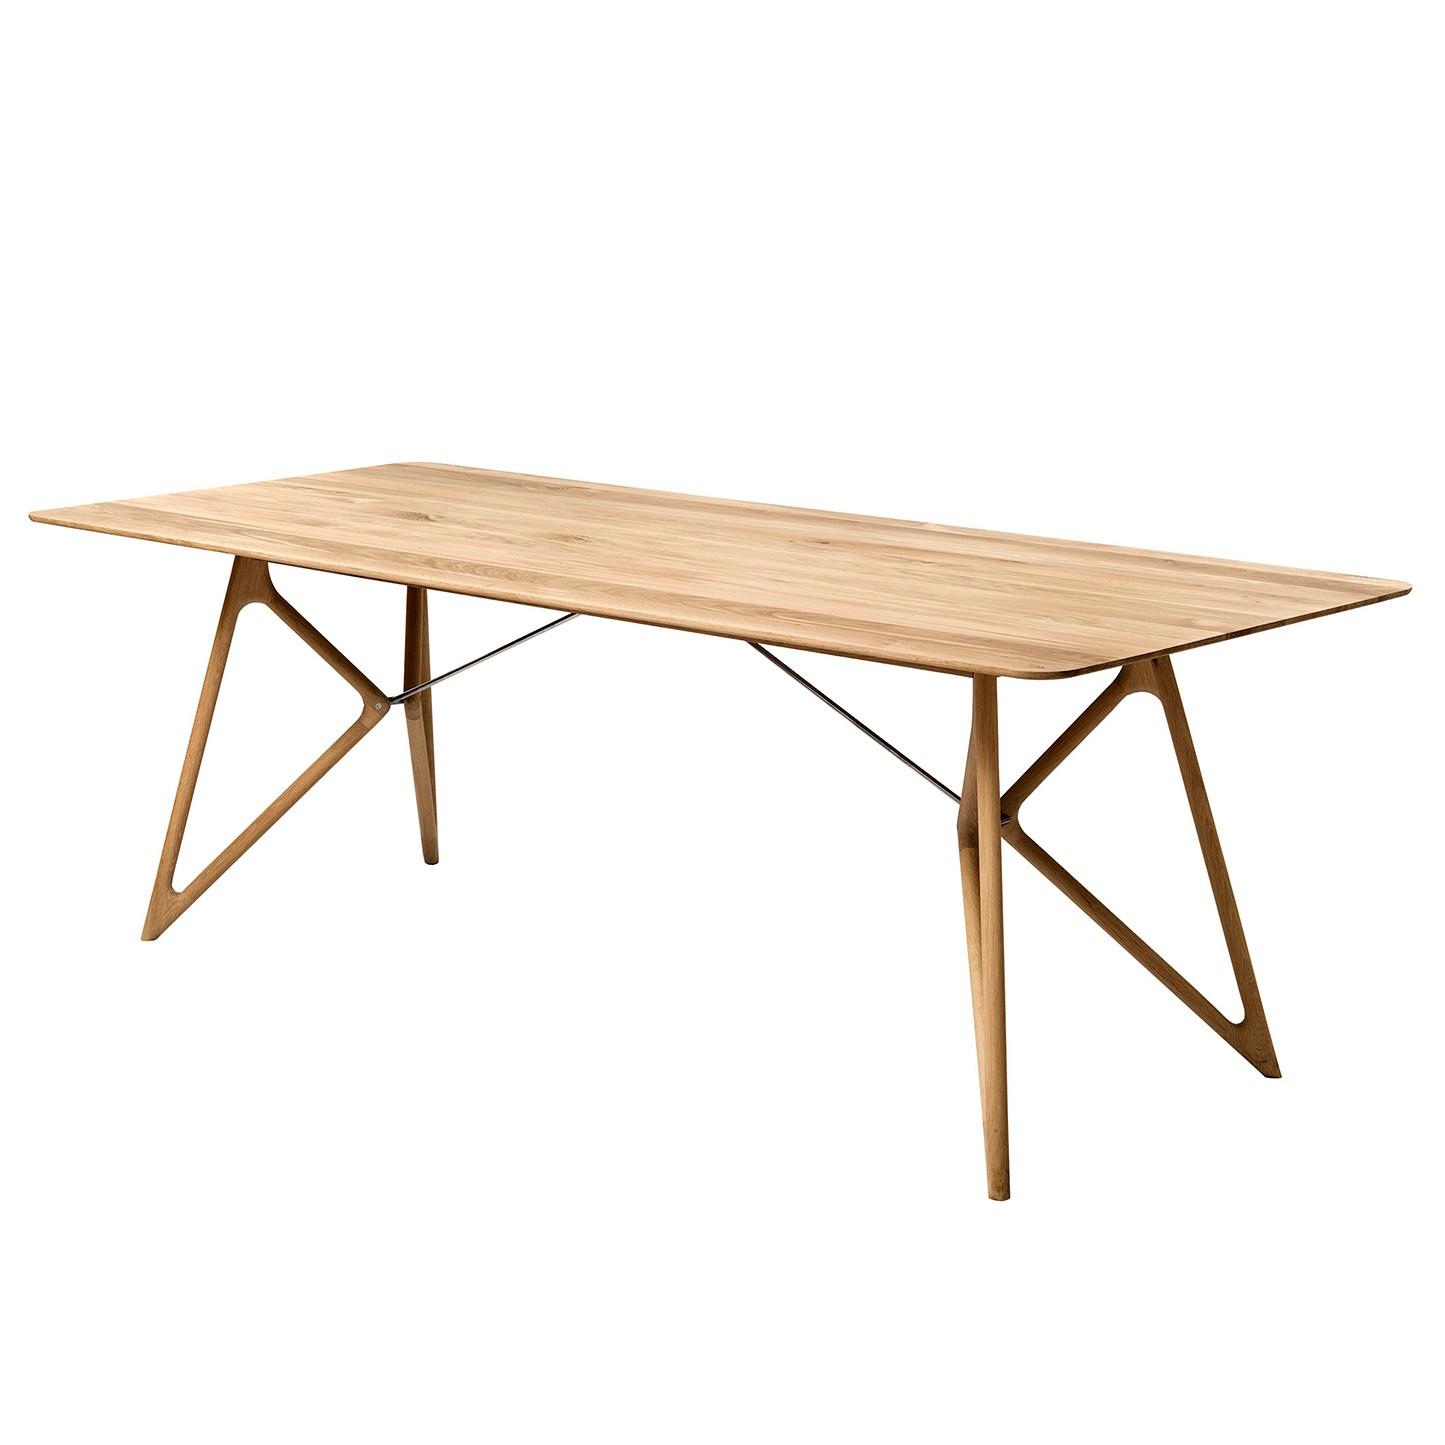 Table à manger Tink - Chêne massif - Chêne - 160 x 90 cm, Studio Copenhagen